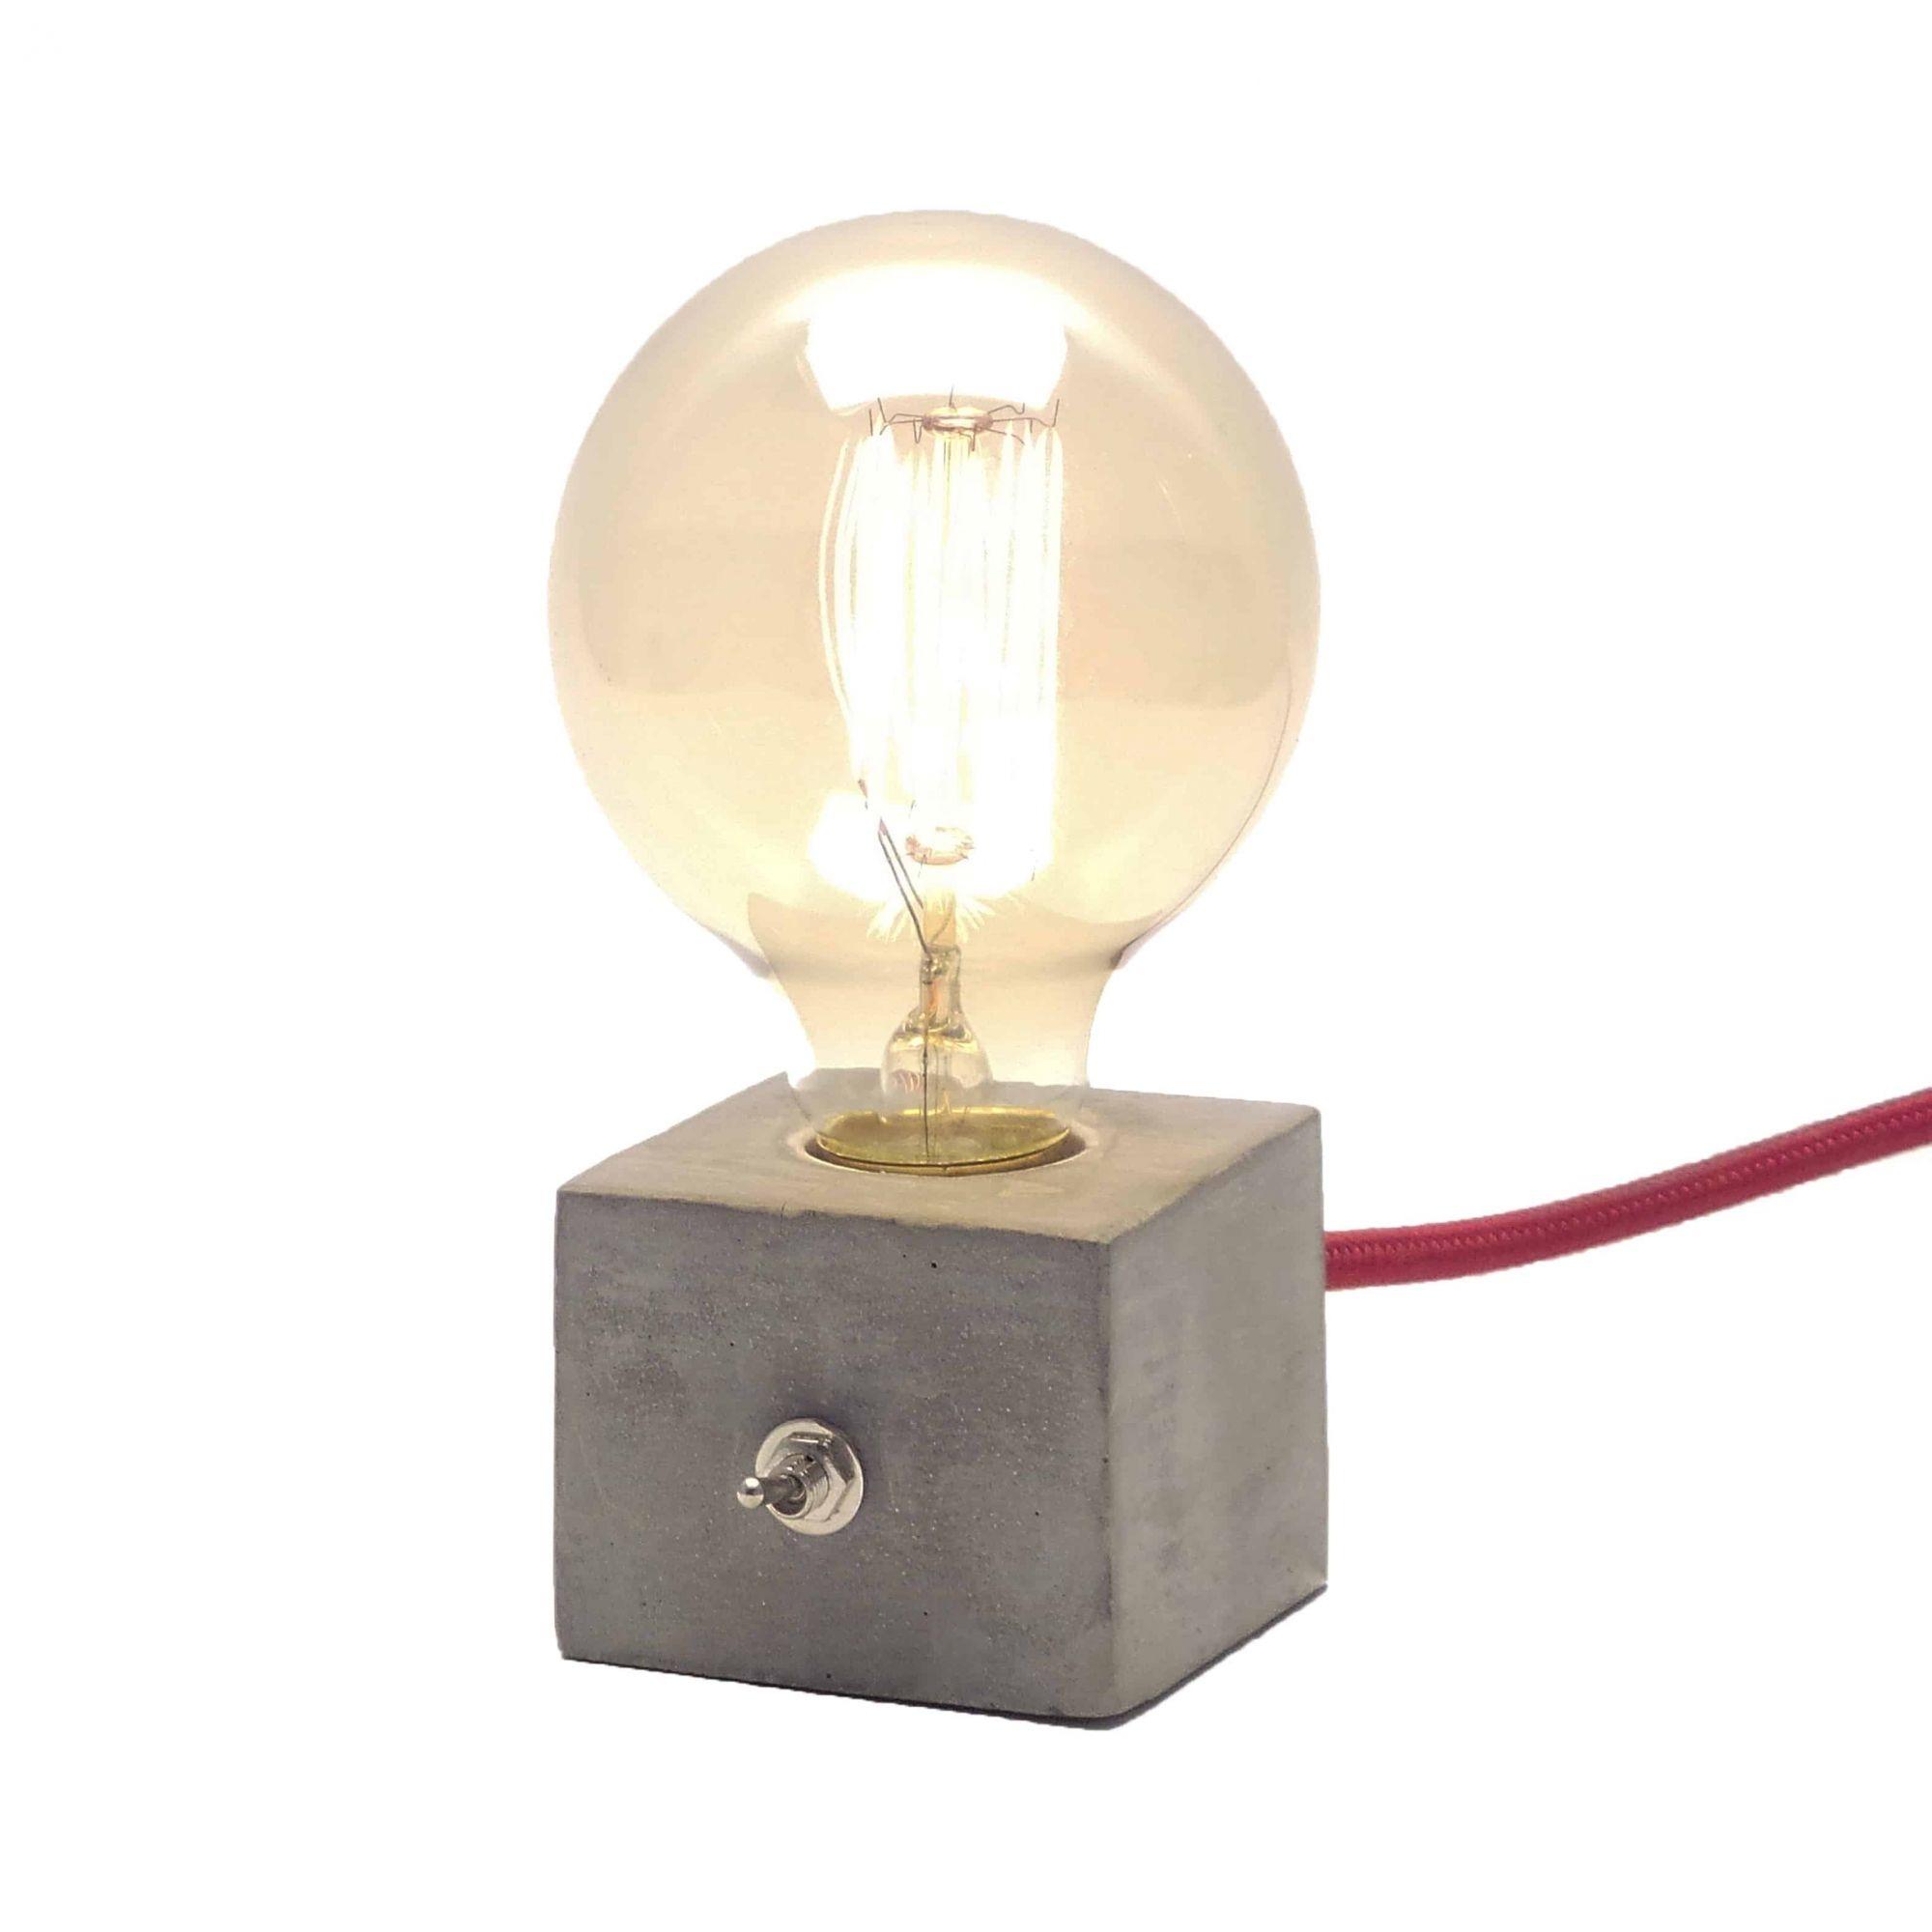 Luminária Dado em Cimento Concreto com Cabo de Tecido e Botão  - ZOLT luminárias